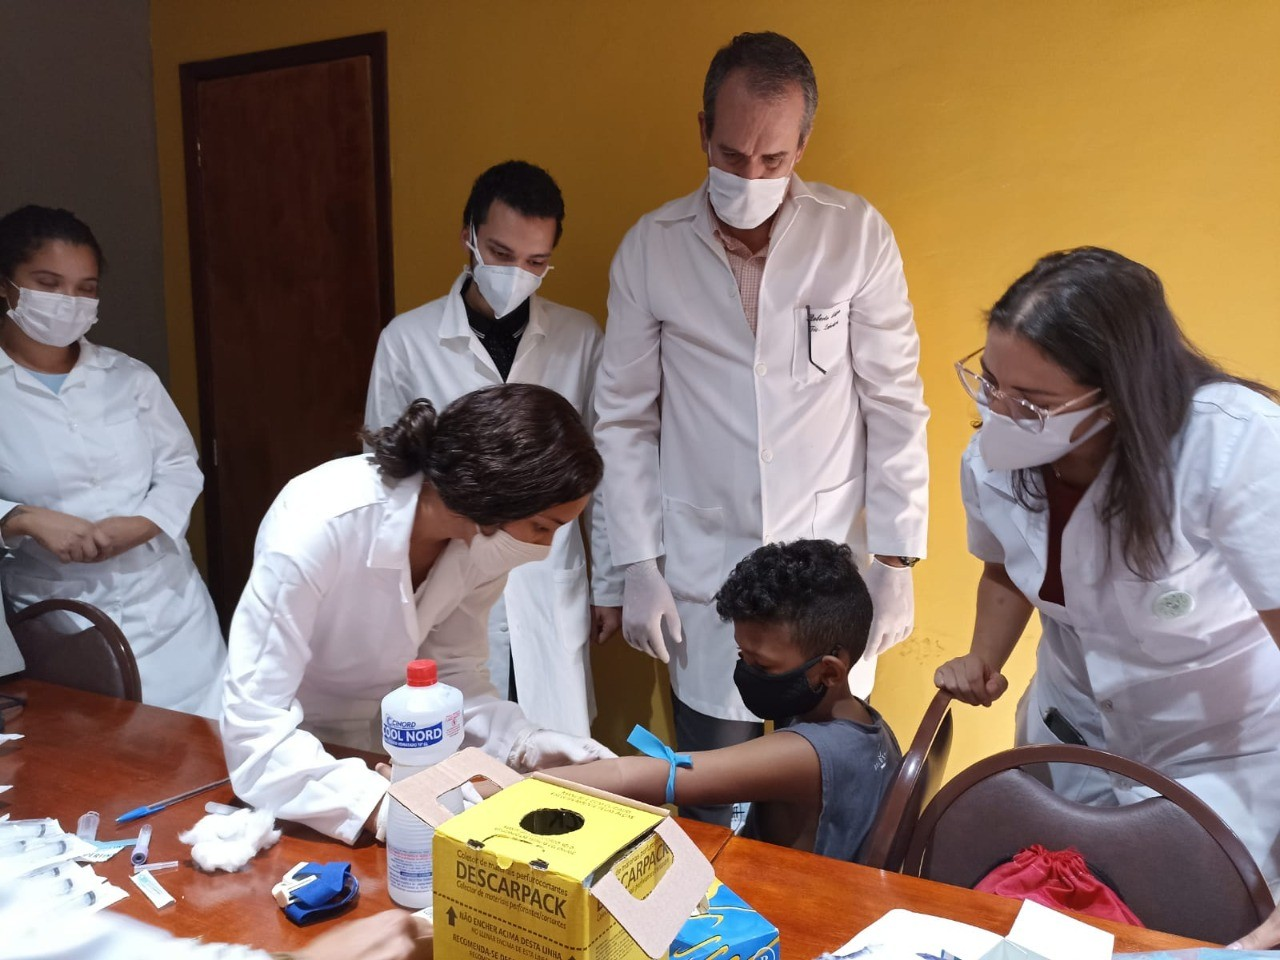 Curso livre de Coleta de Sangue com atendimento voluntário à comunidade abre novas inscrições em Cabo Frio, no RJ